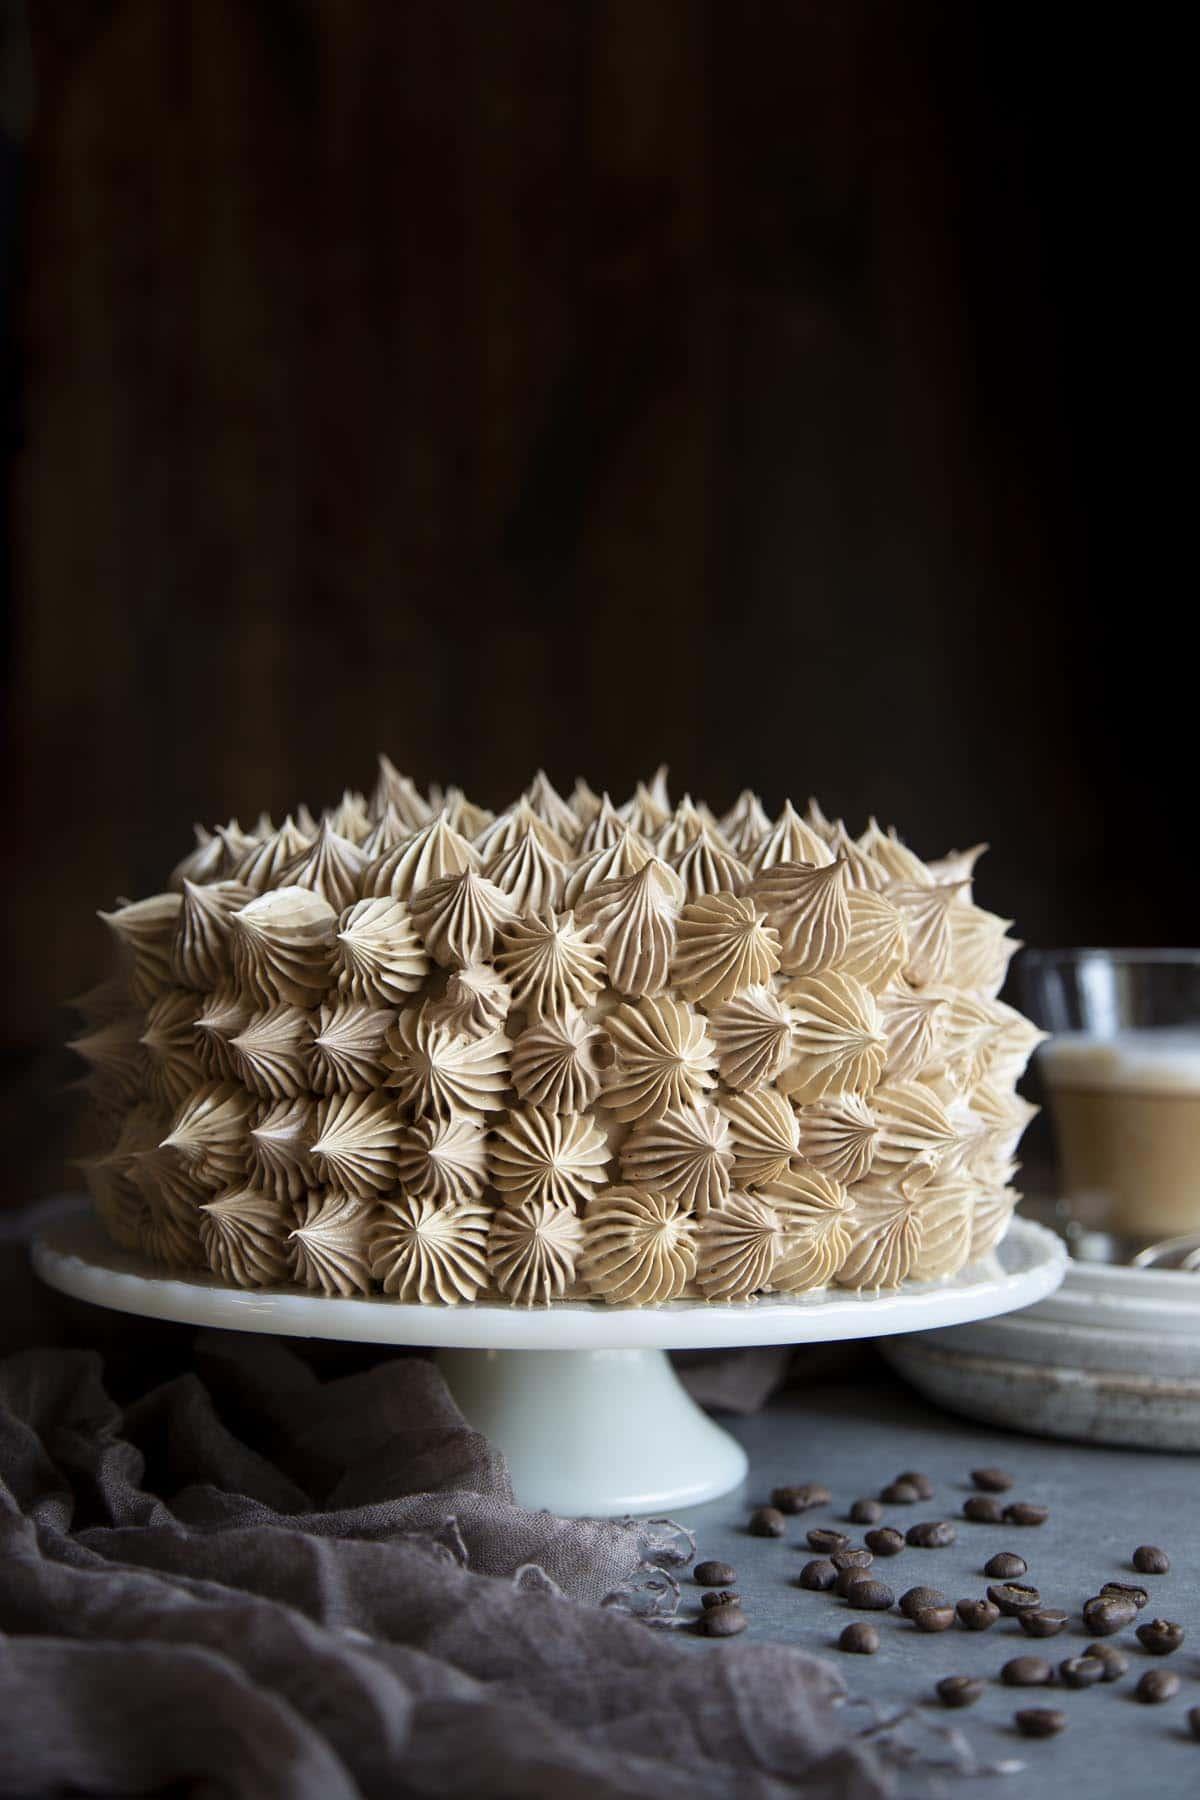 Mocha cake on a cake stand